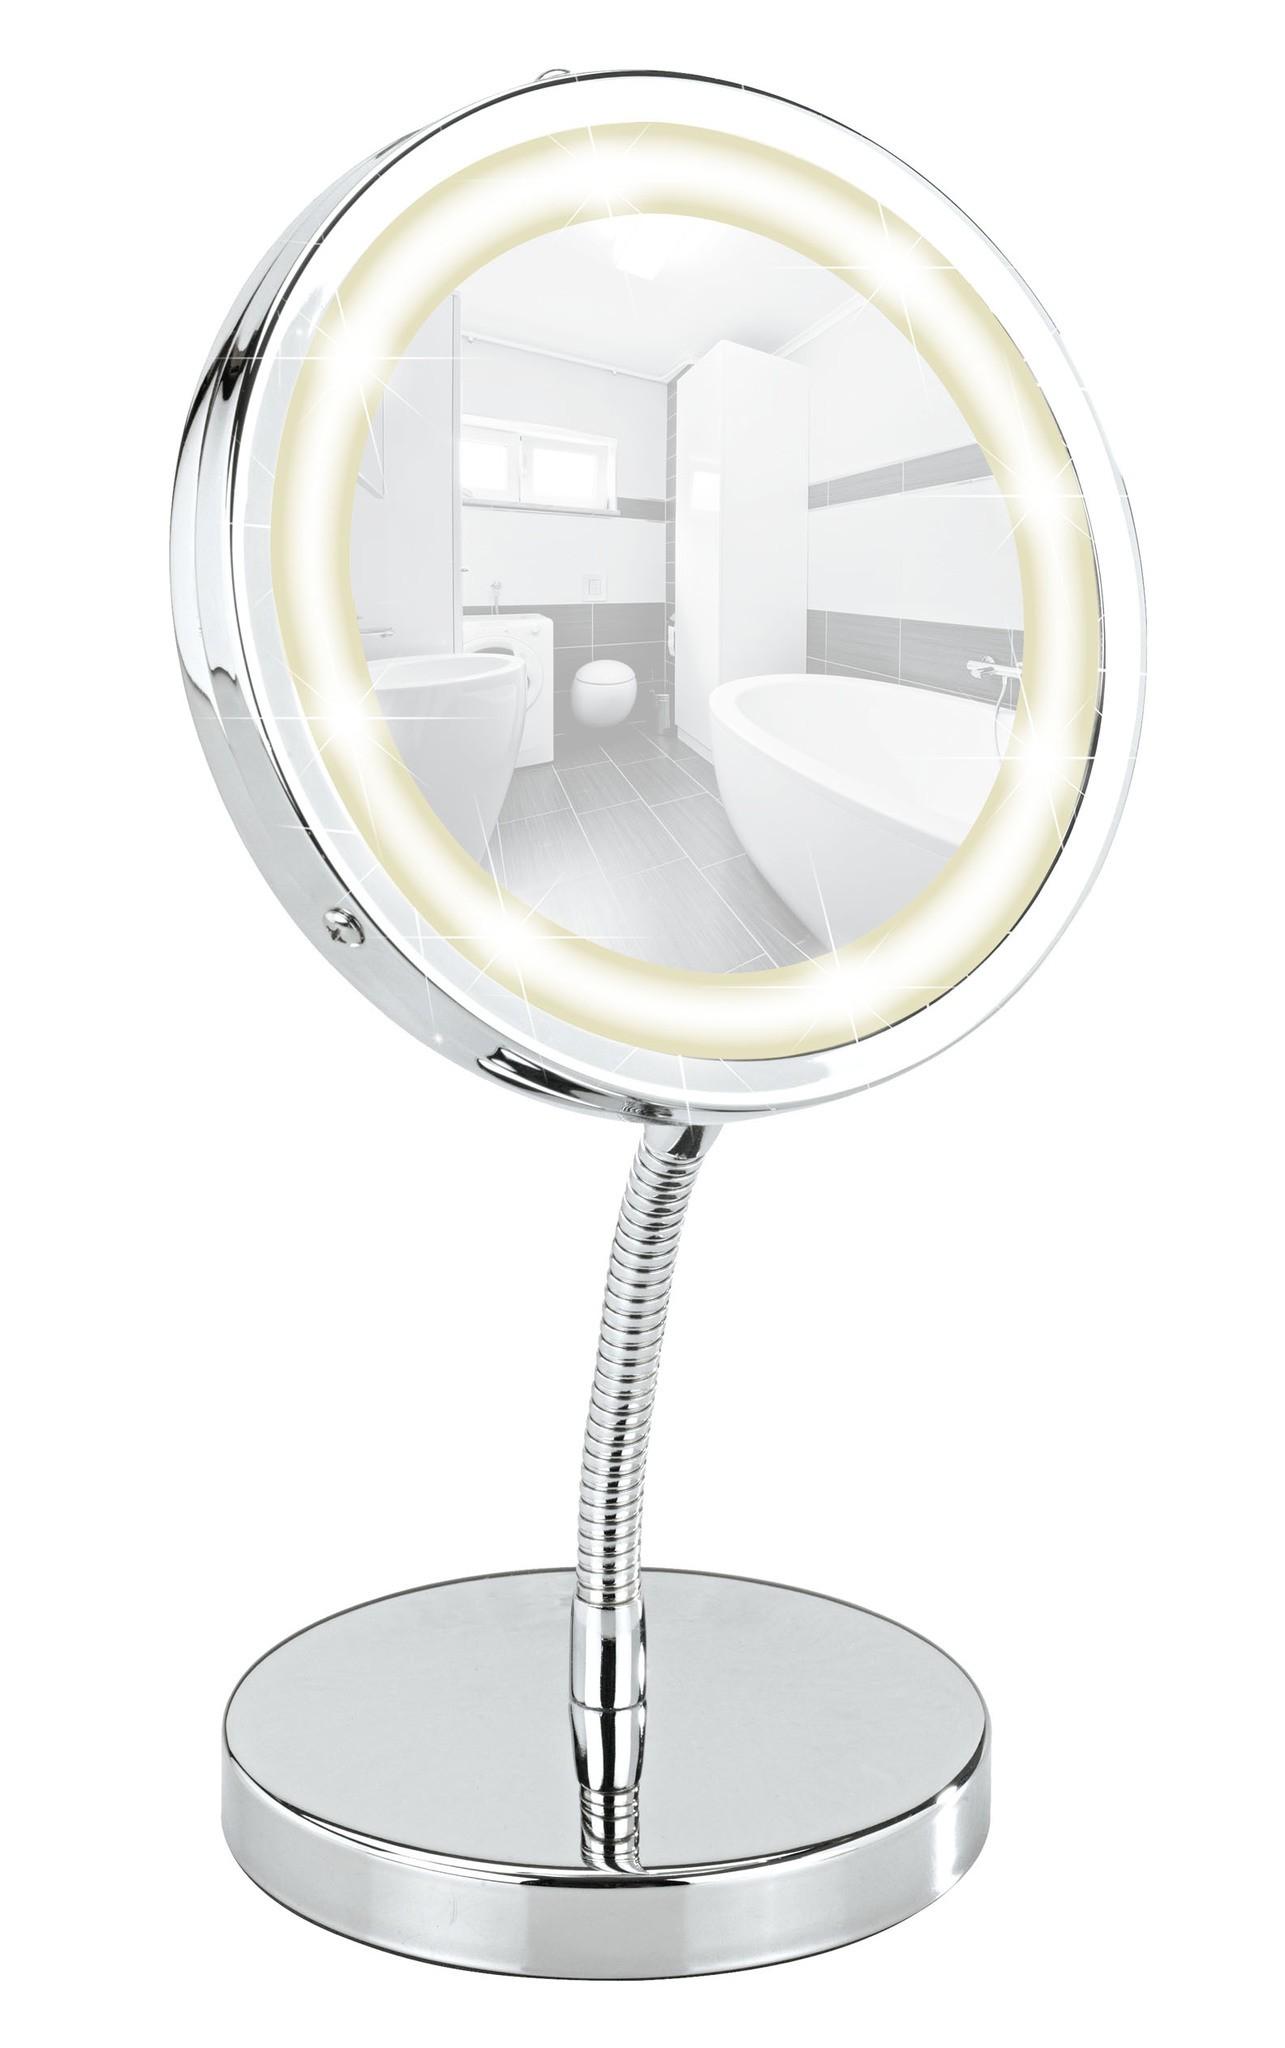 Wenko LED Kosmetikspiegel Brolo, Standspiegel, 3-fach Vergrößerung